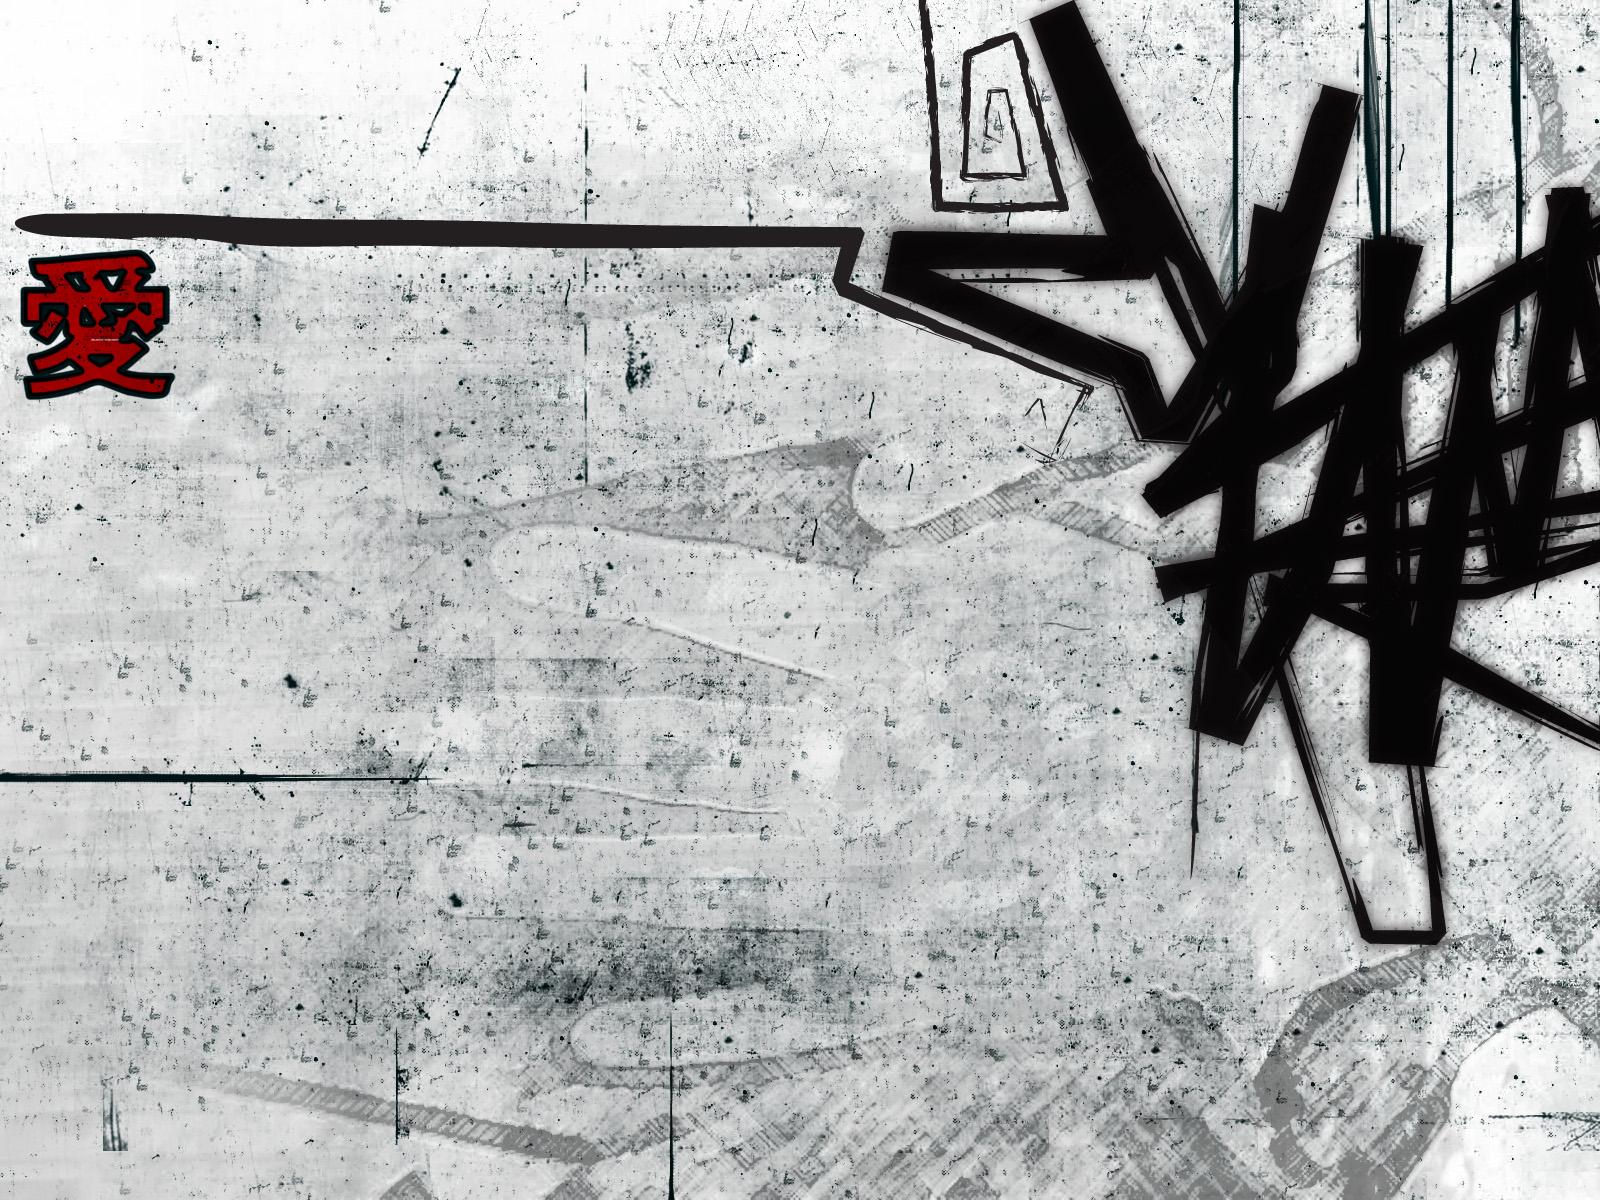 Graffiti wallpapers sfondi 1600x1200 id 28286 for Immagini graffiti hd